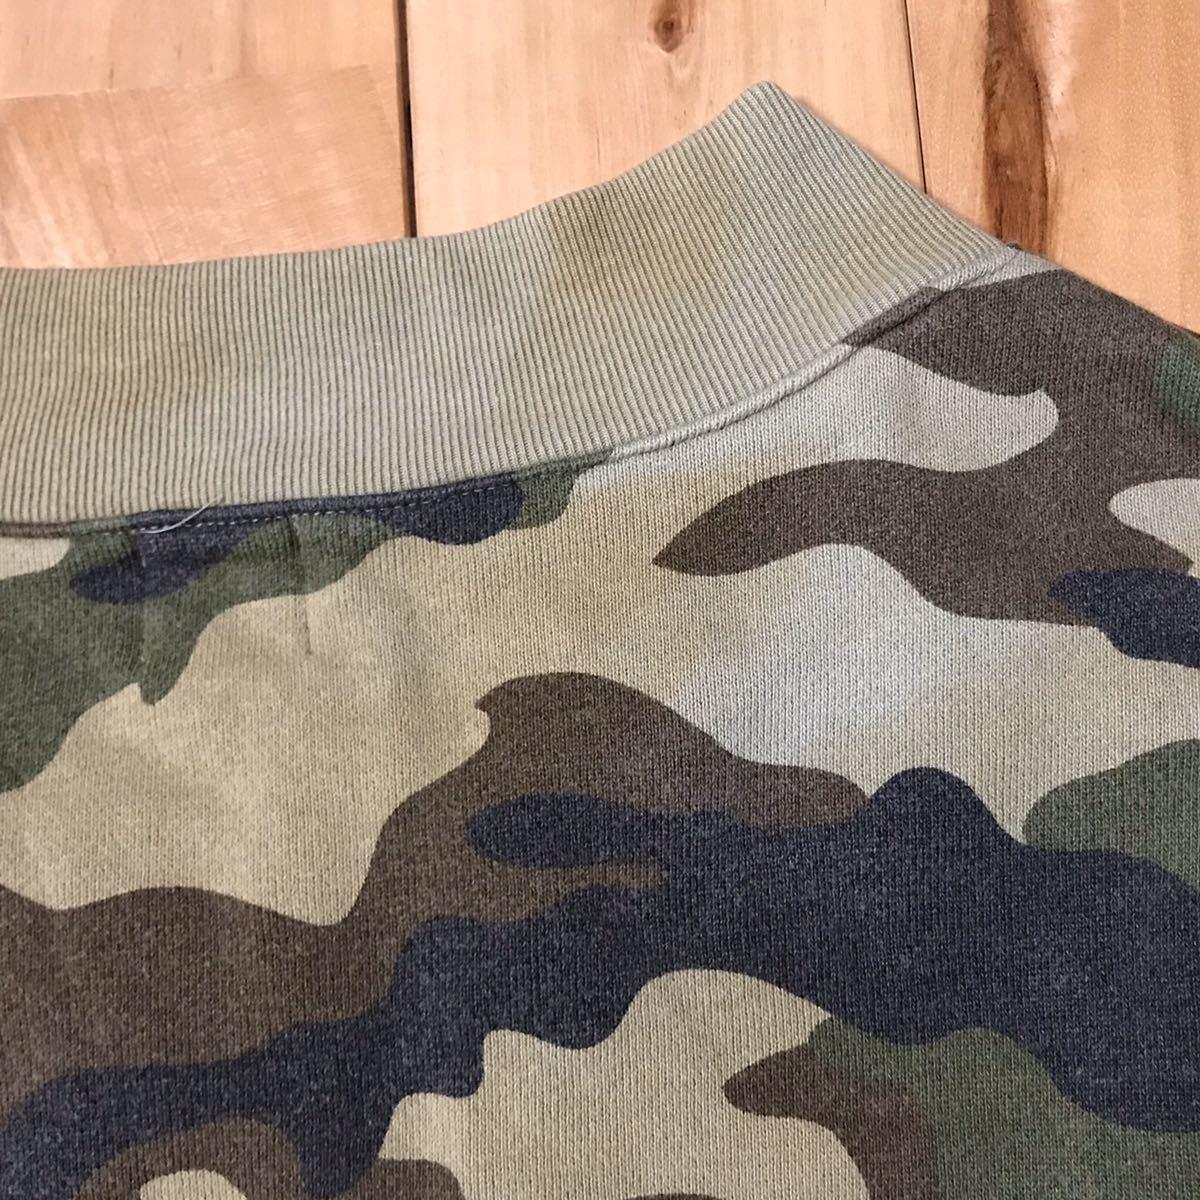 ★初期★ woodland camo スウェット ブルゾン a bathing ape BAPE jacket vintage エイプ ベイプ アベイシングエイプ 迷彩 ジャケット 682